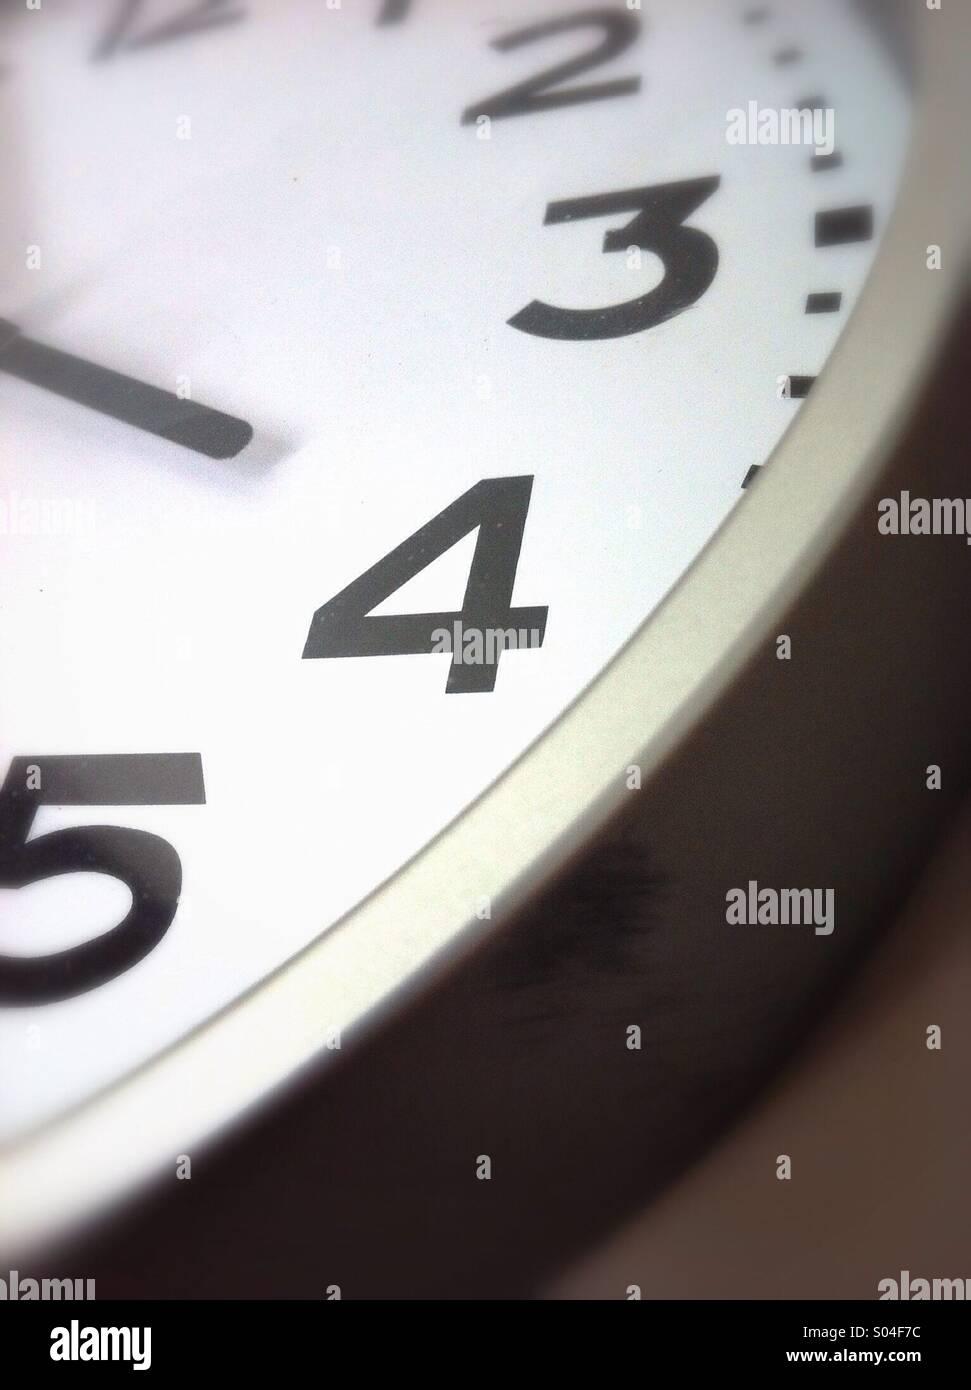 Numéro 4 sur l'horloge. Photo Stock